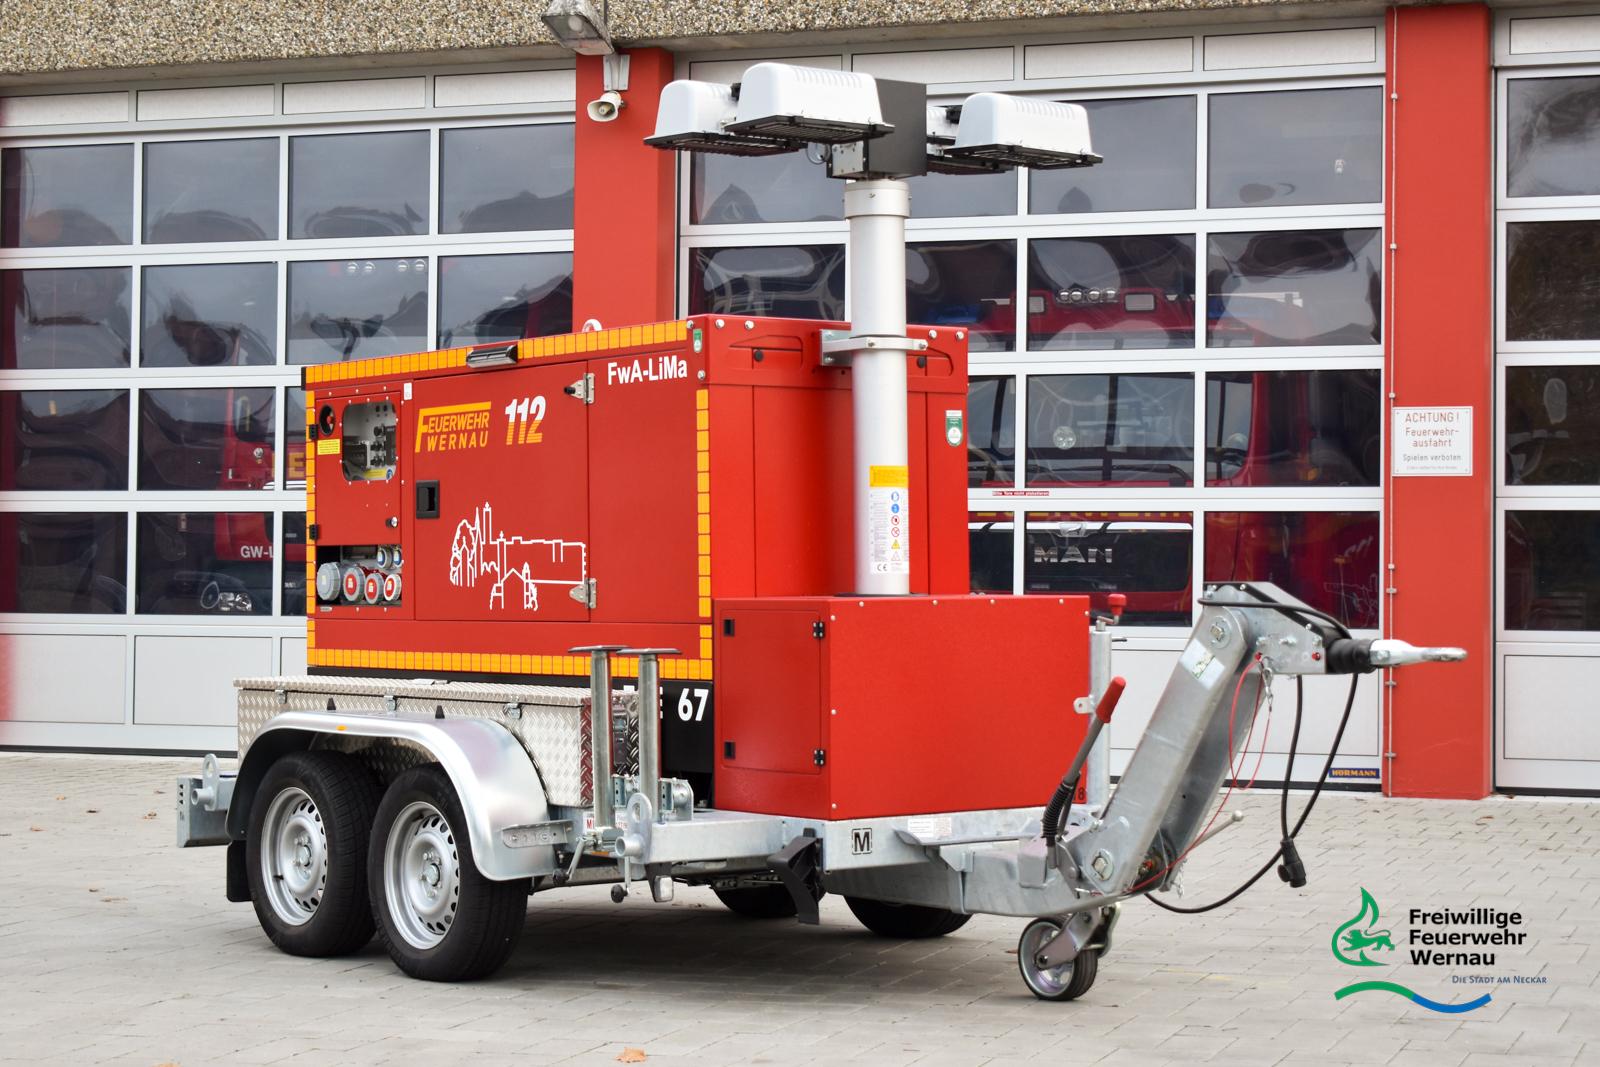 Feuerwehranhänger FwA-LiMa 900/67